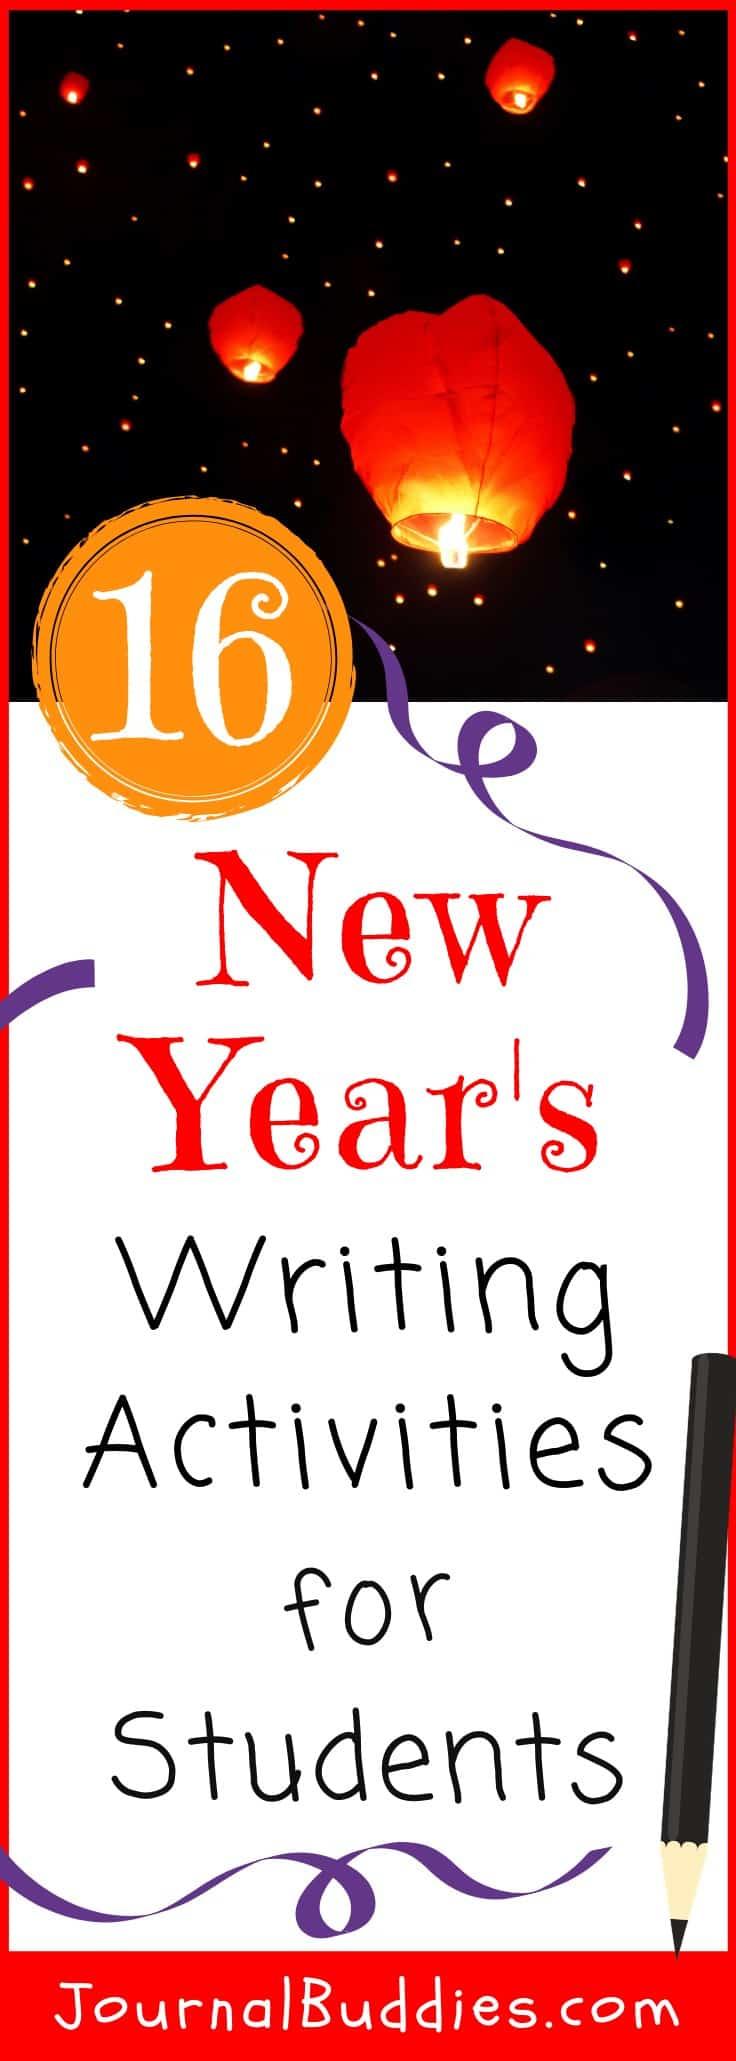 hight resolution of 16 New Years Writing Activities • JournalBuddies.com